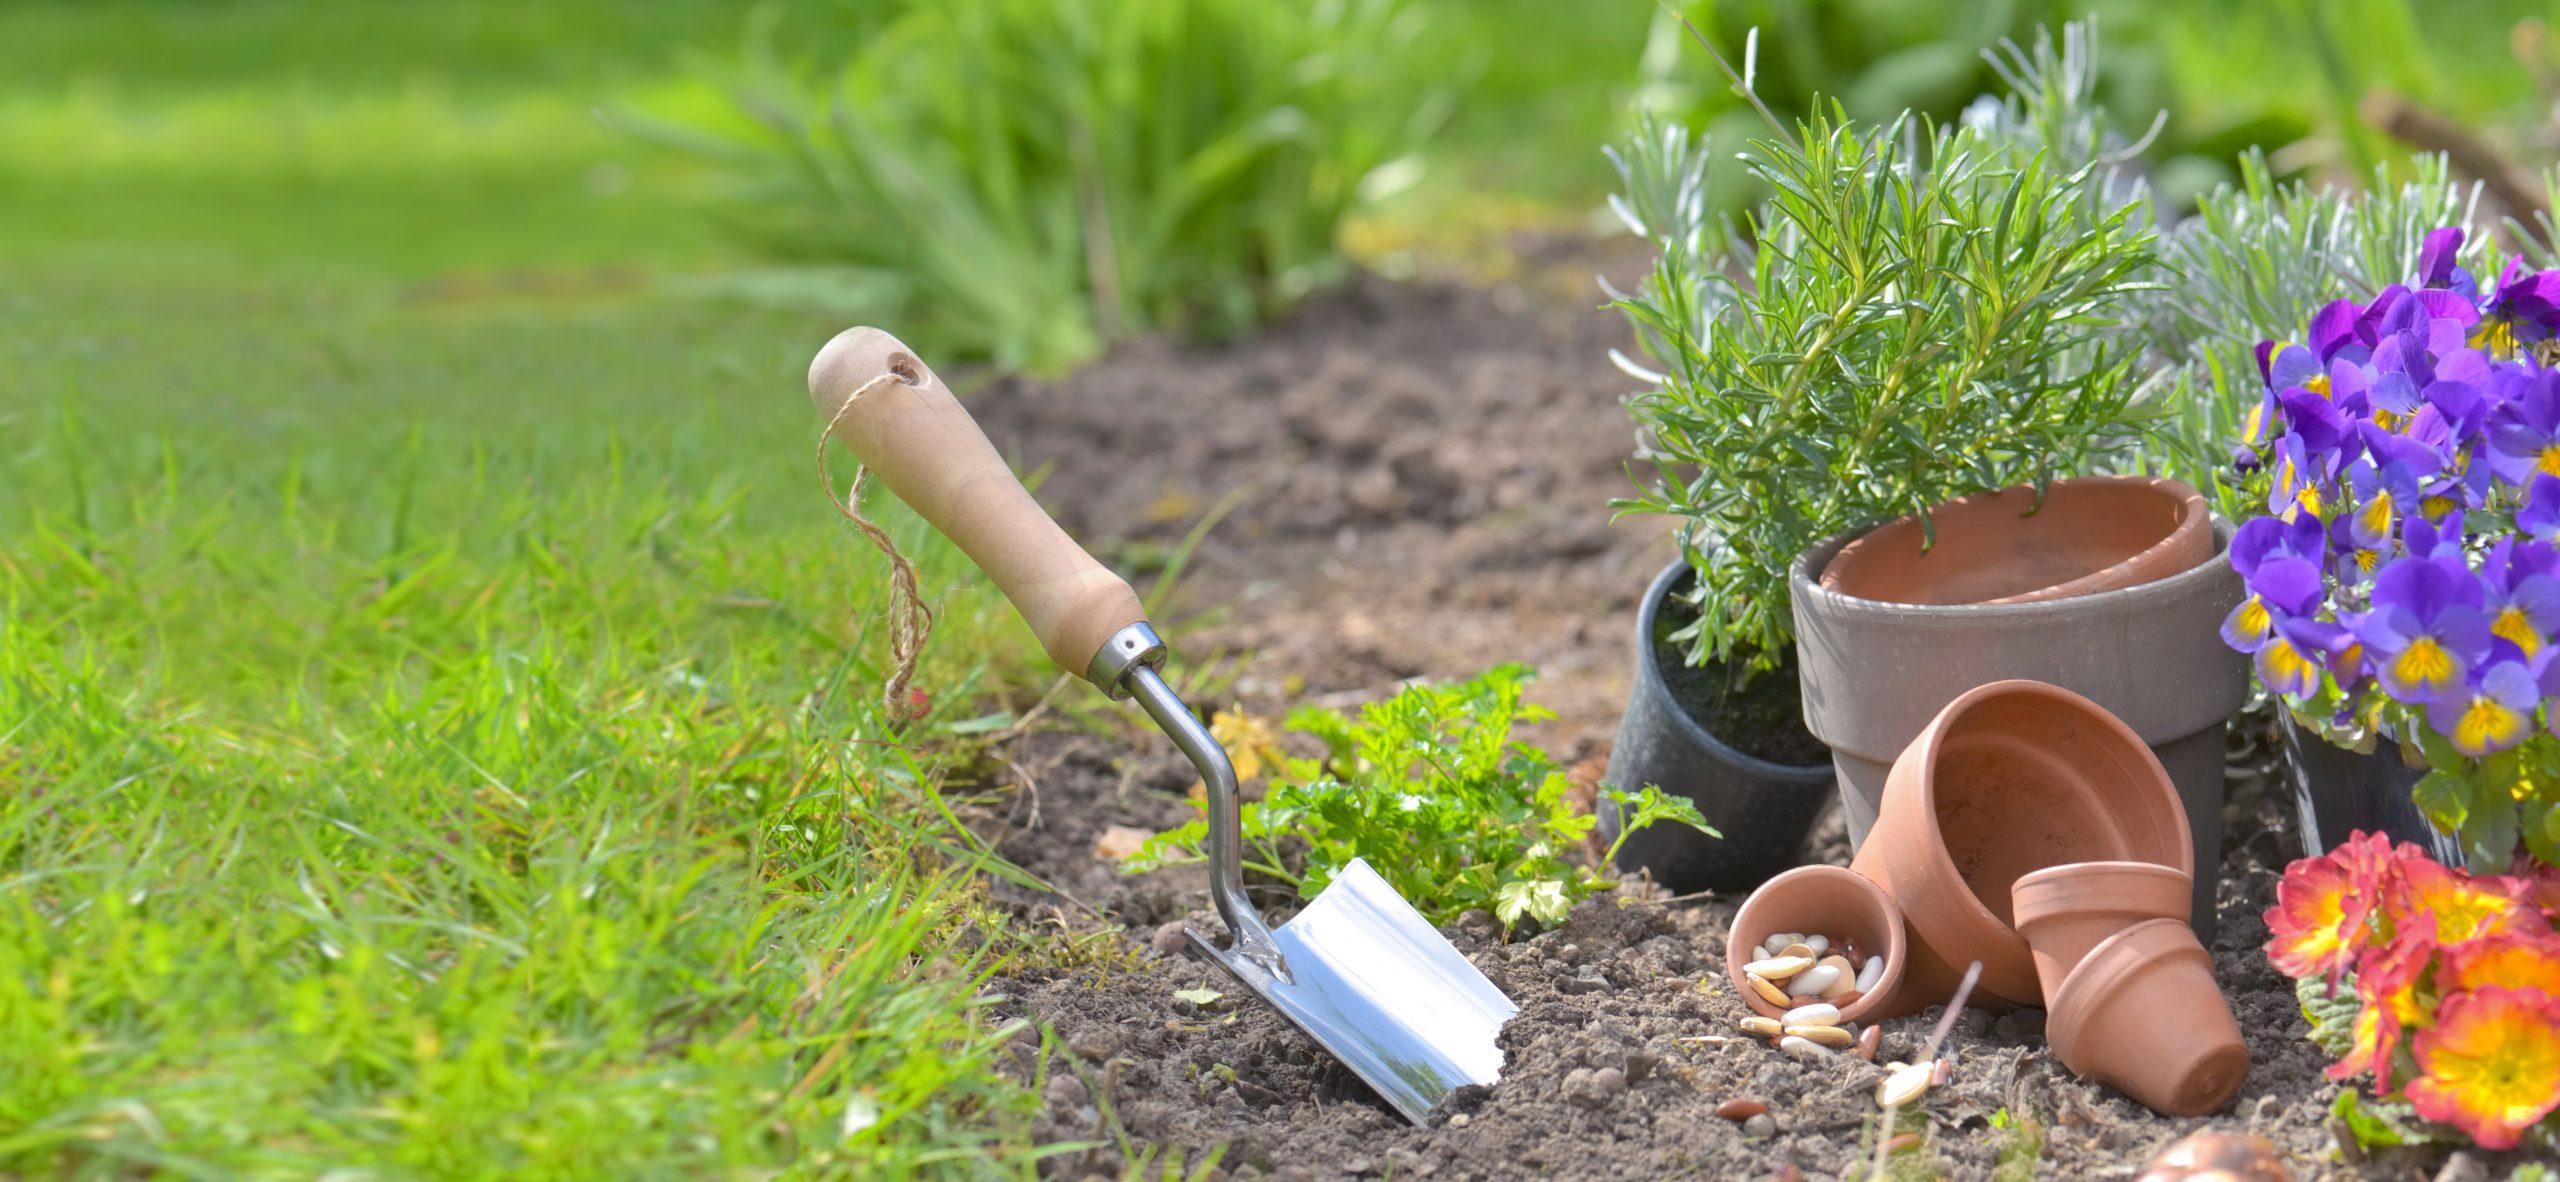 Gardening Intervention Ideas